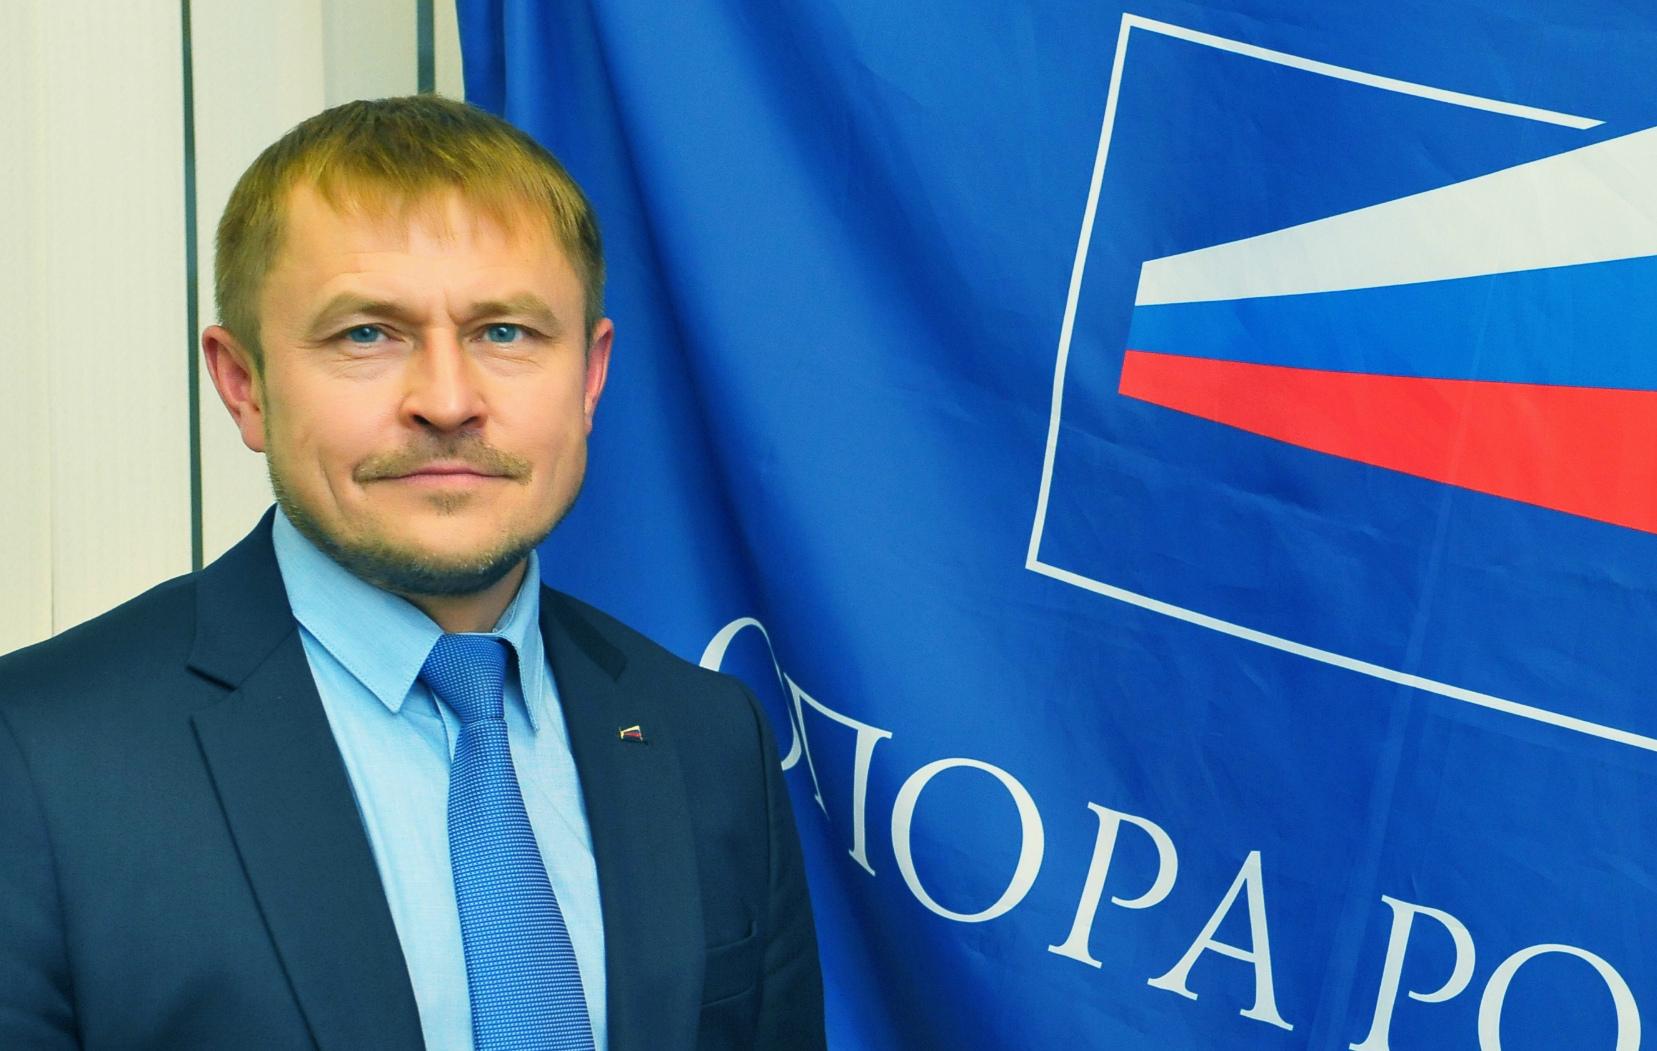 Президент «Опоры России» предложил заключать контракты между Узбекистаном и Россией в нацвалюте